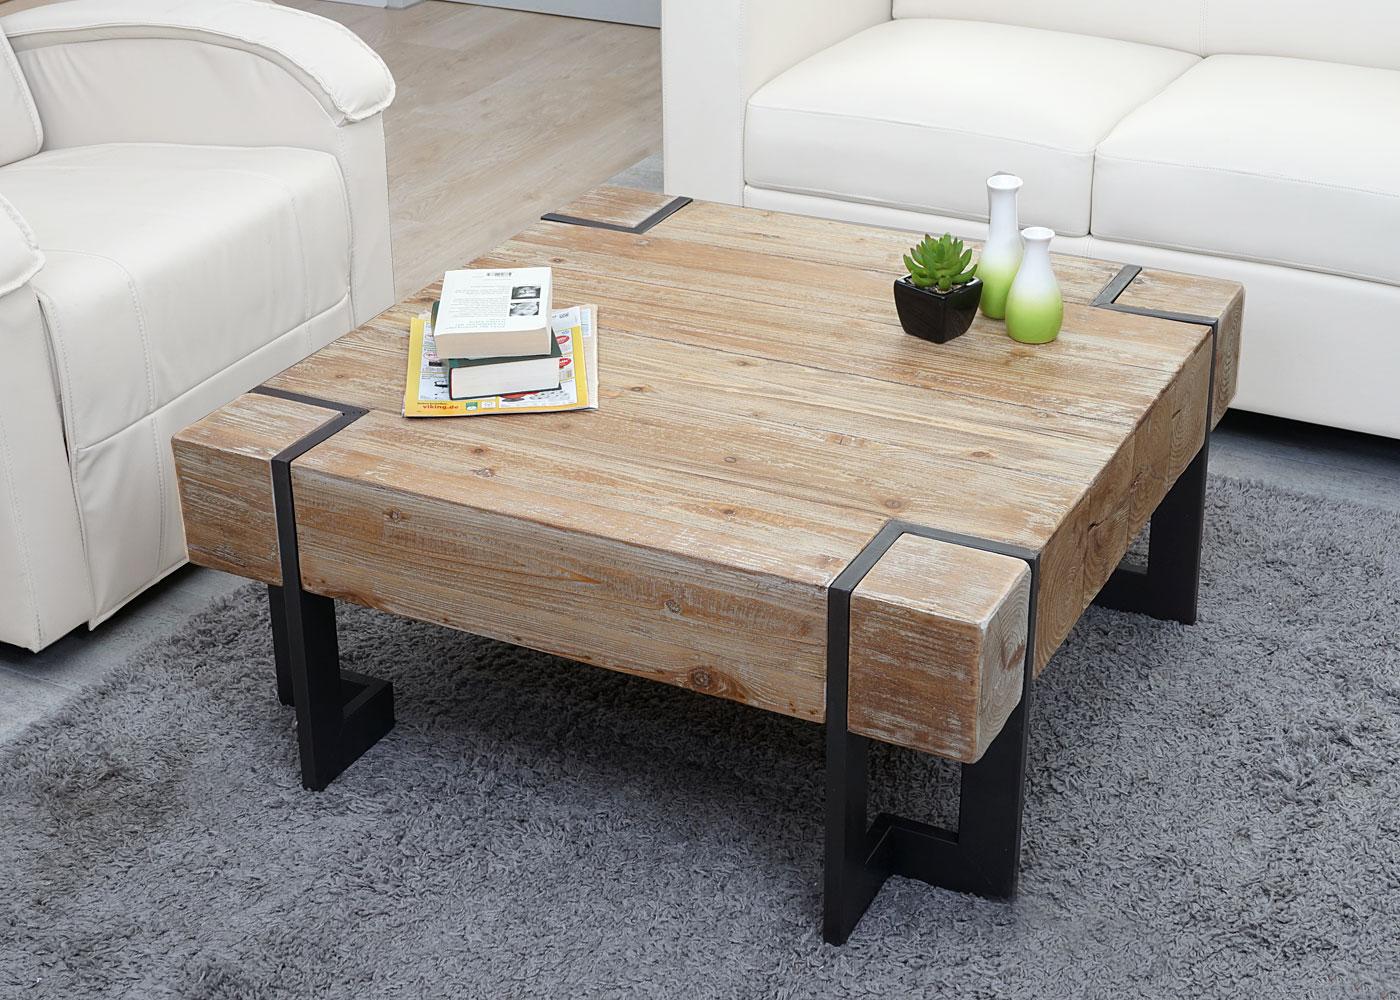 Couchtisch HWCA15 Wohnzimmertisch Tanne Holz rustikal massiv 40x90x90cm